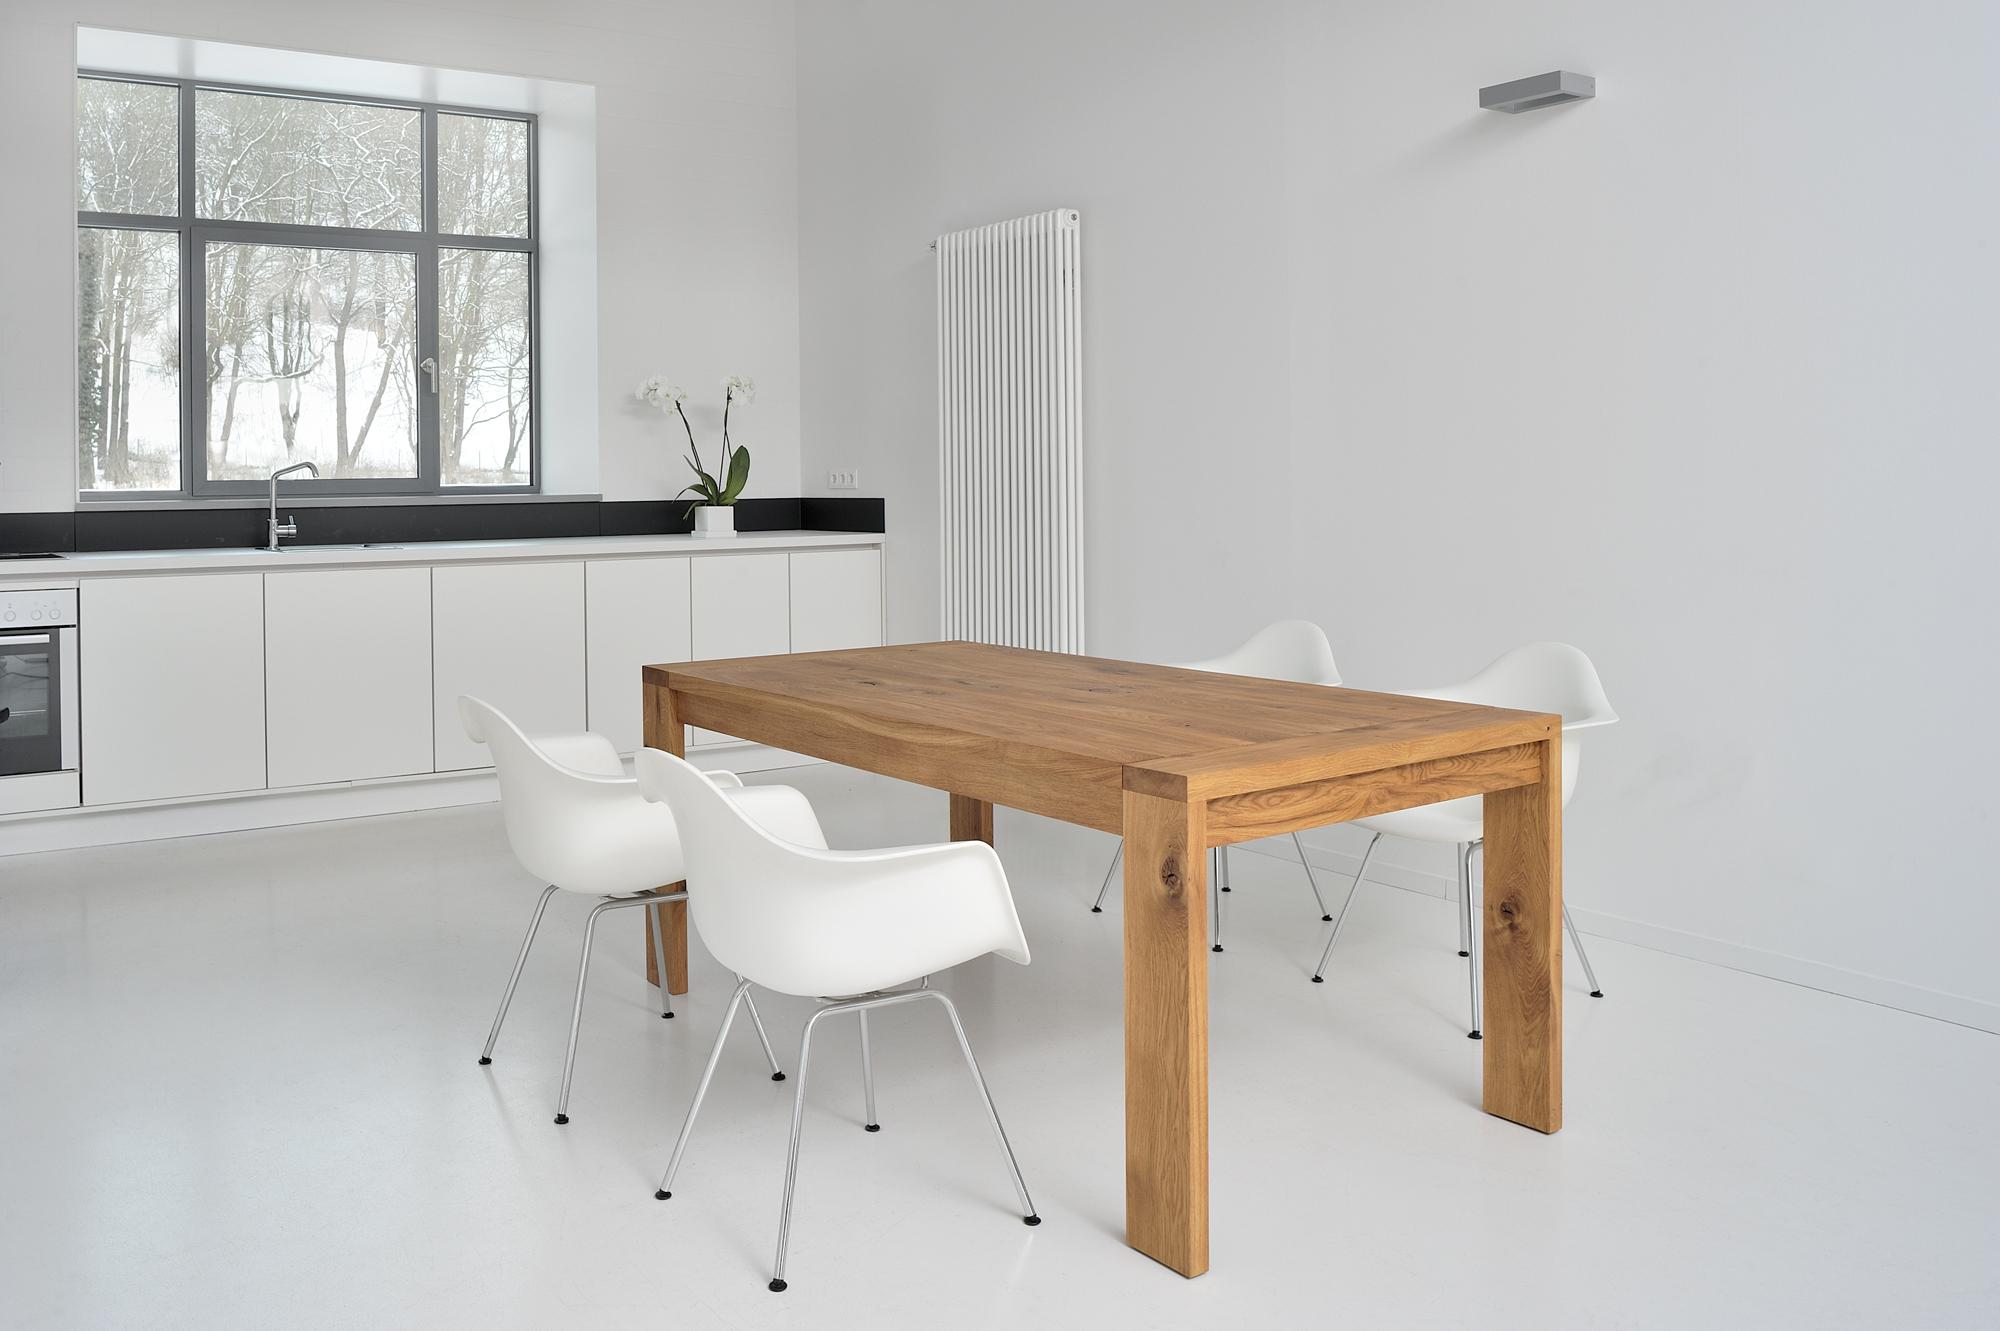 Wohnen in leichtigkeit mit wei und holz i holzdesignpur for Holztisch massiv design